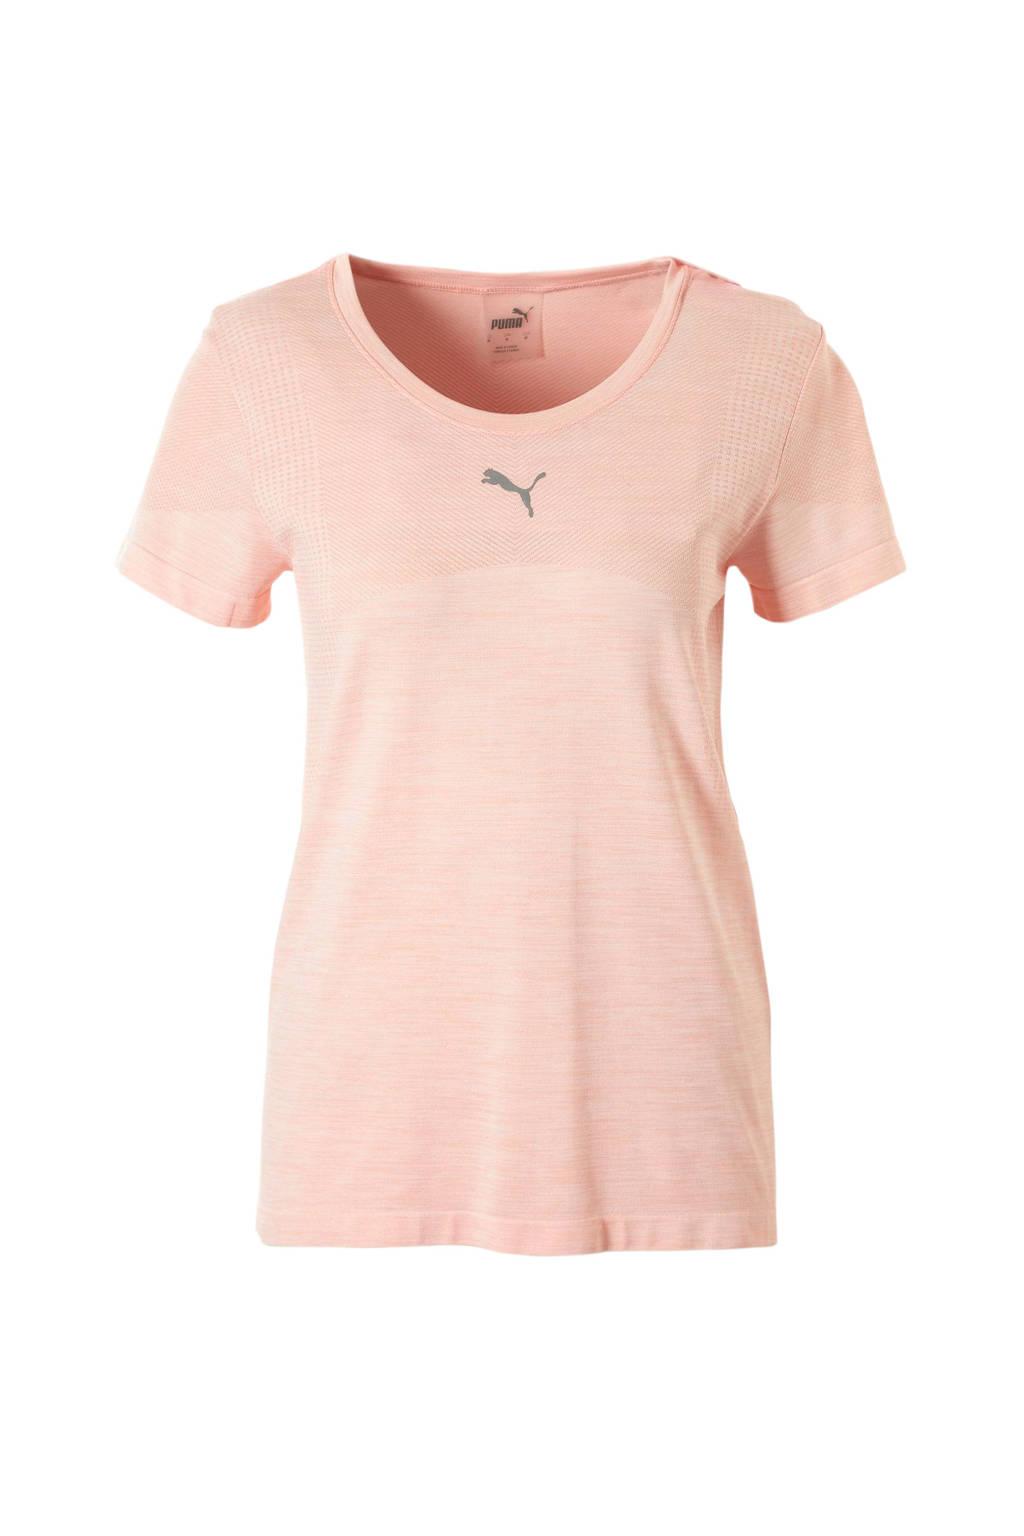 Puma T-shirt roze, roze/zalmroze